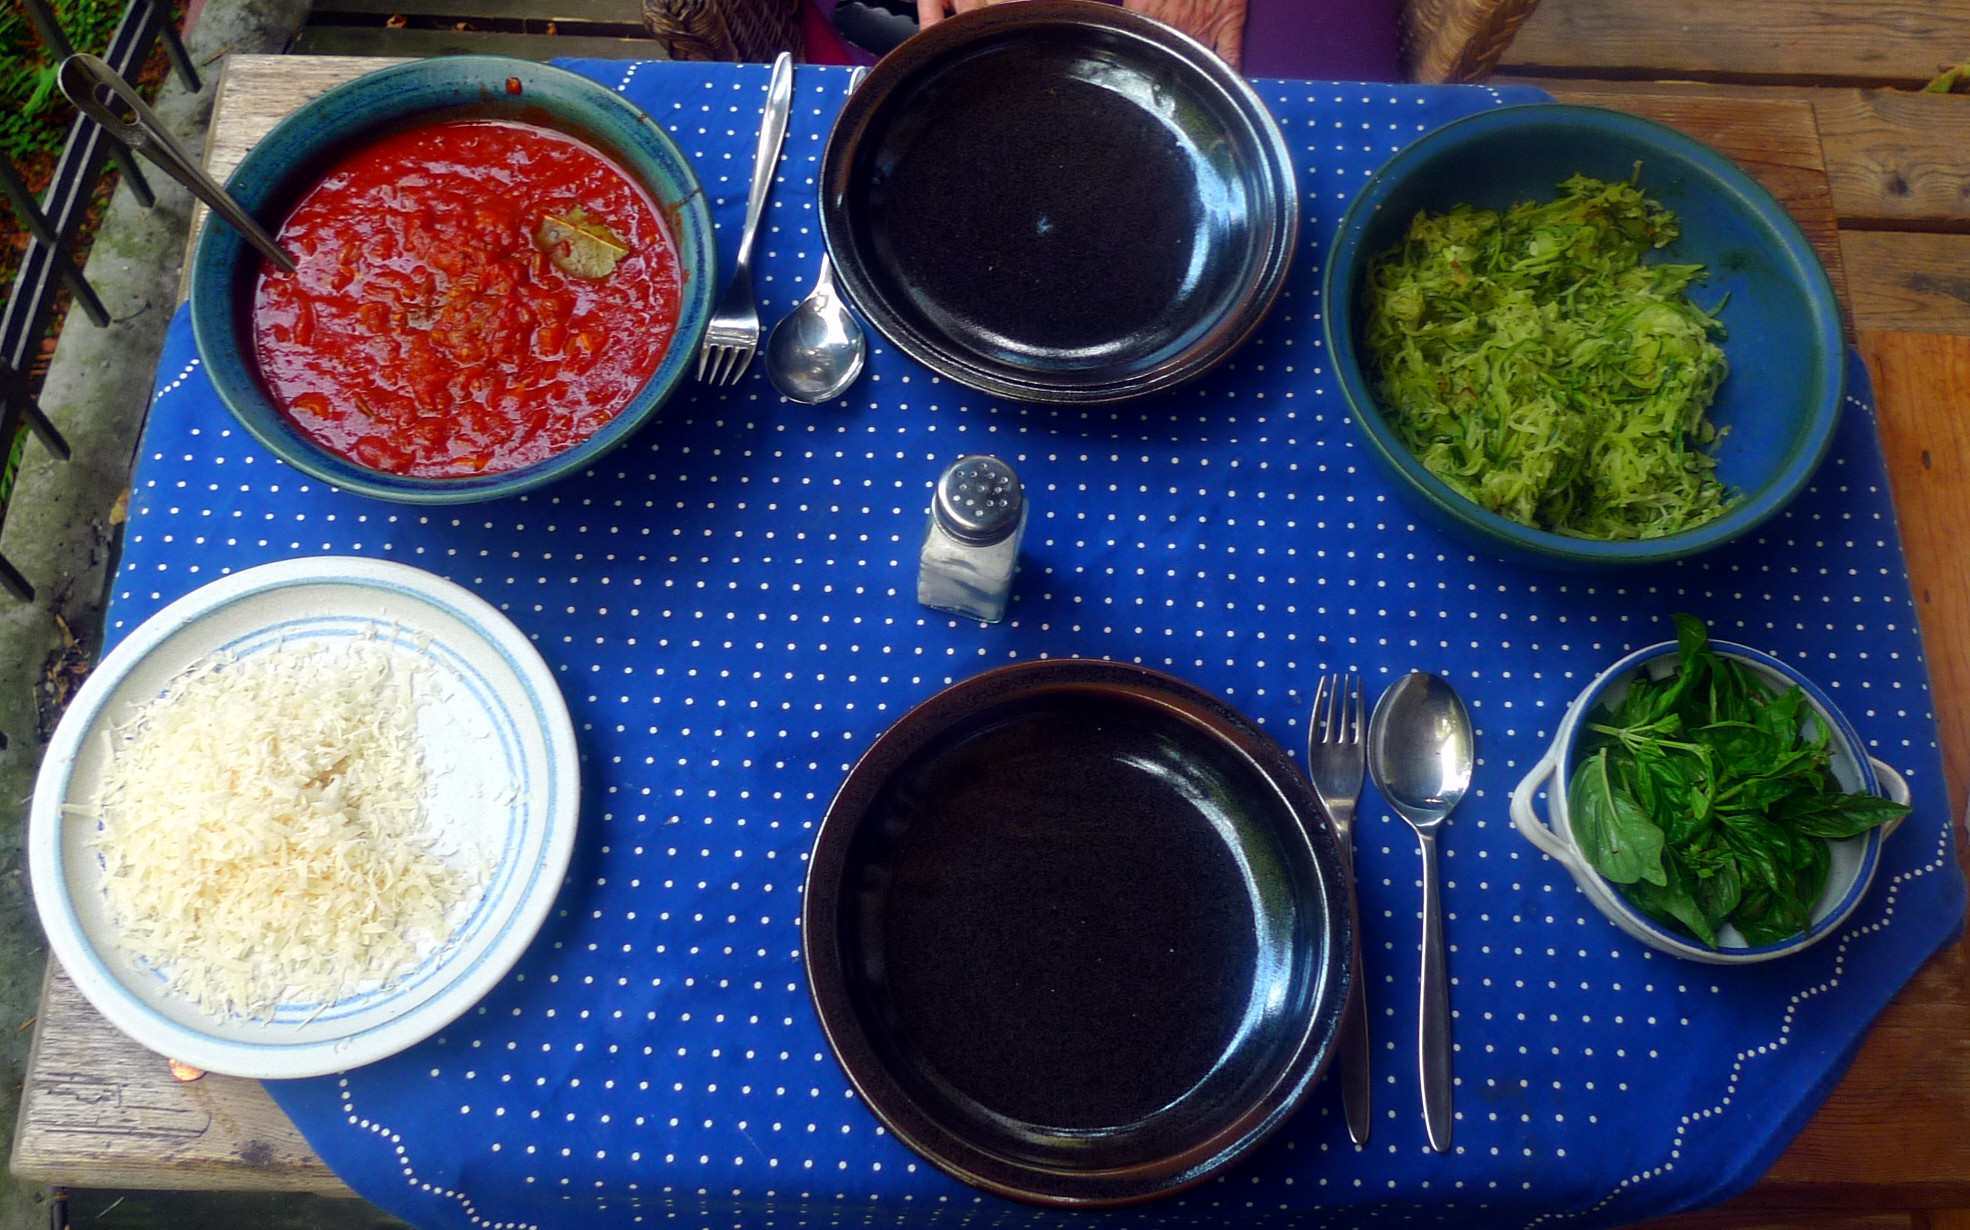 Zucchinispagetthi,Tomatensauce,veganvegetarisch -15.8.15 (10)